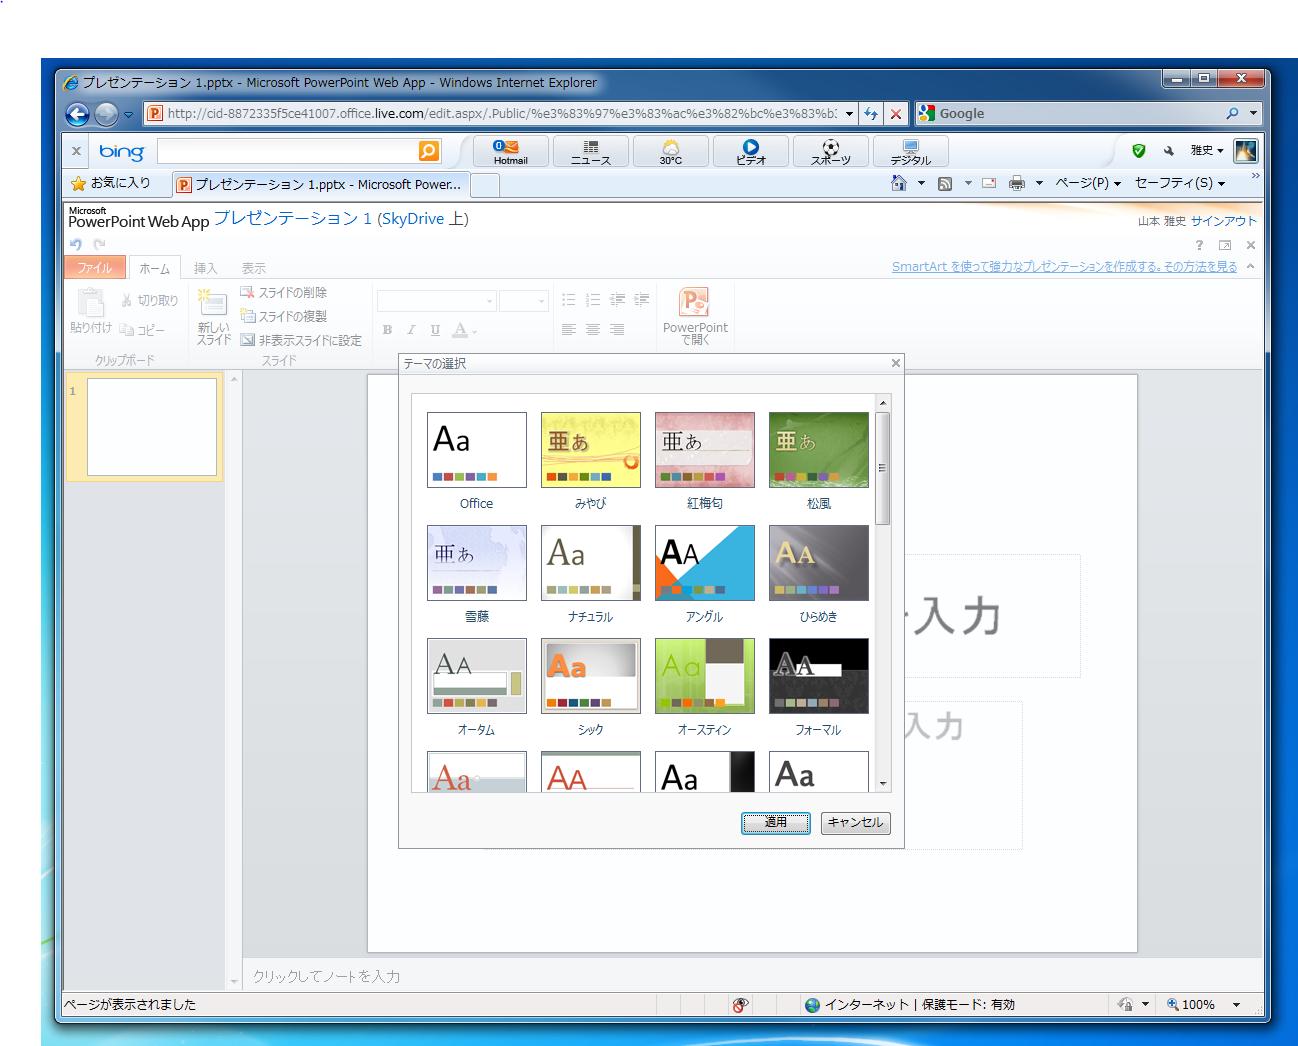 PowerPoint Web Appでプレゼンテーションを作成。いくつかのテーマが選択できる